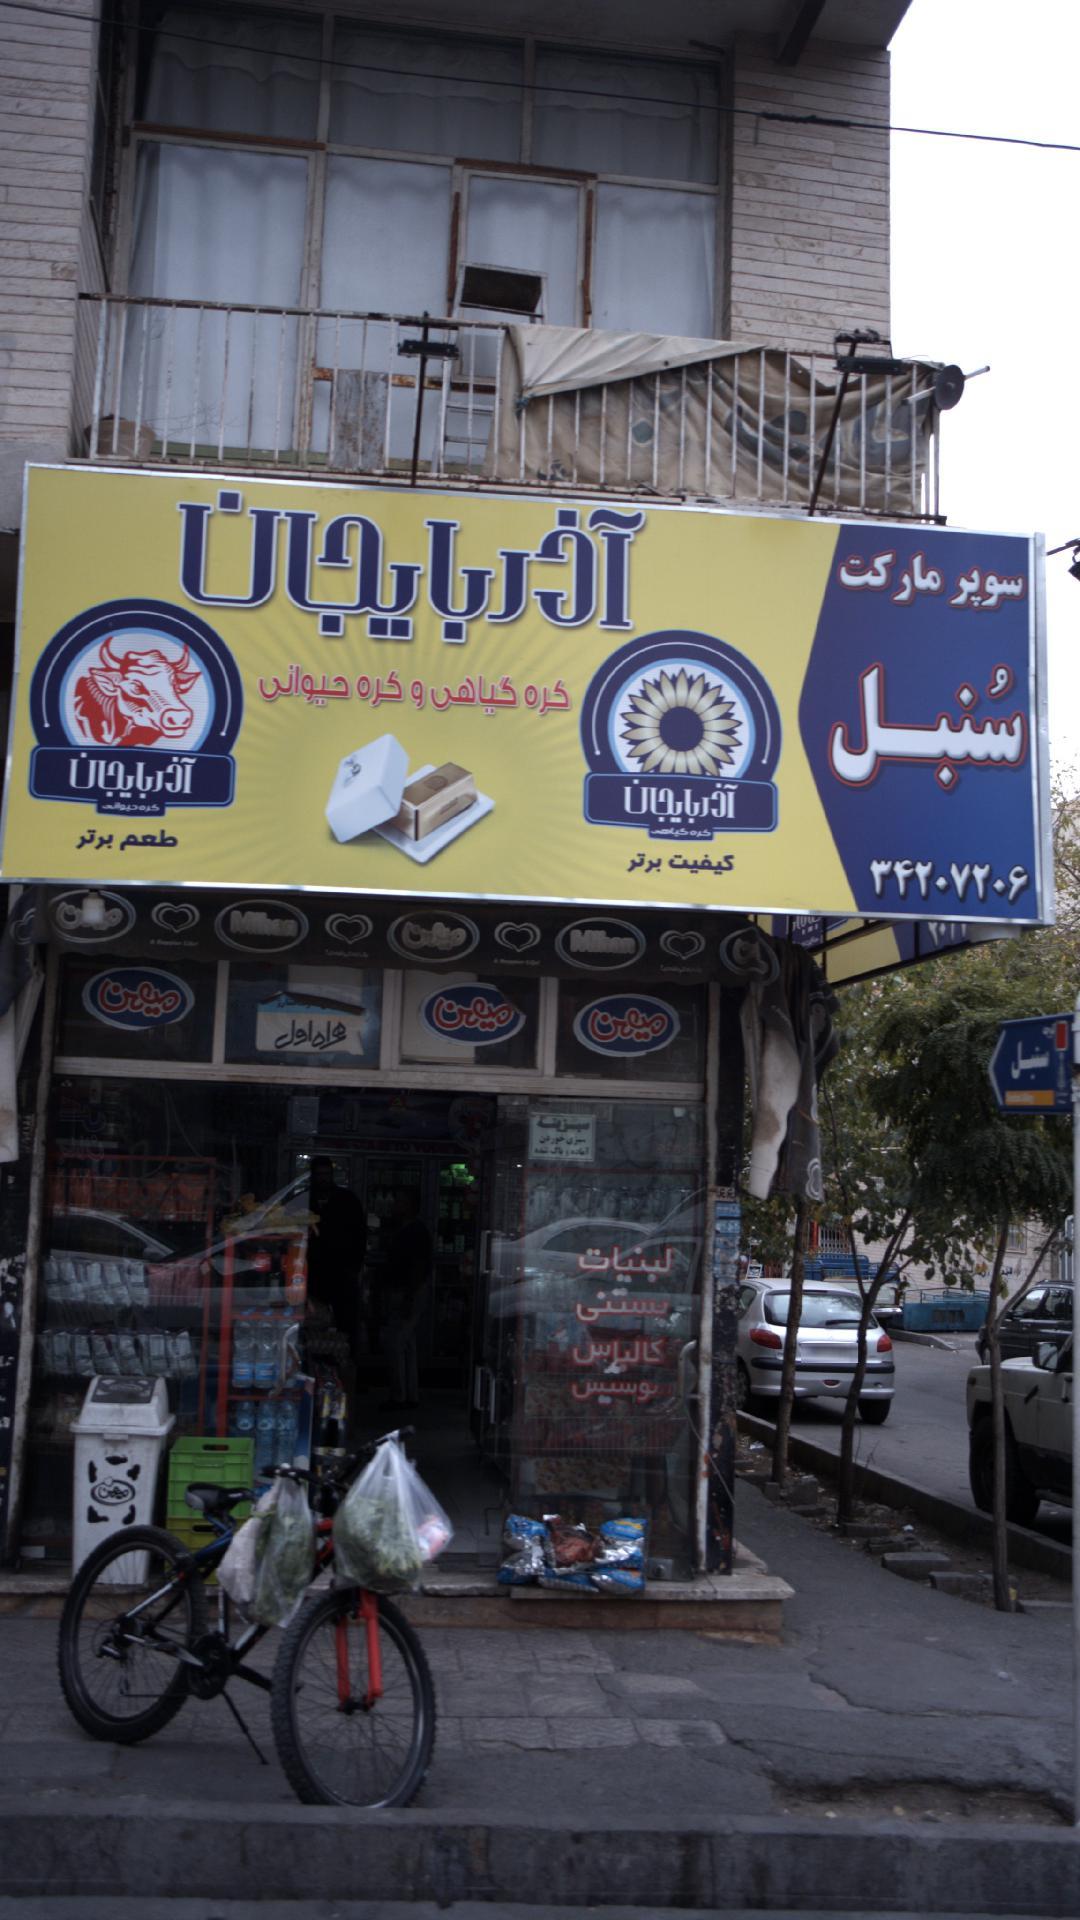 سوپرمارکت سنبل آذربایجان